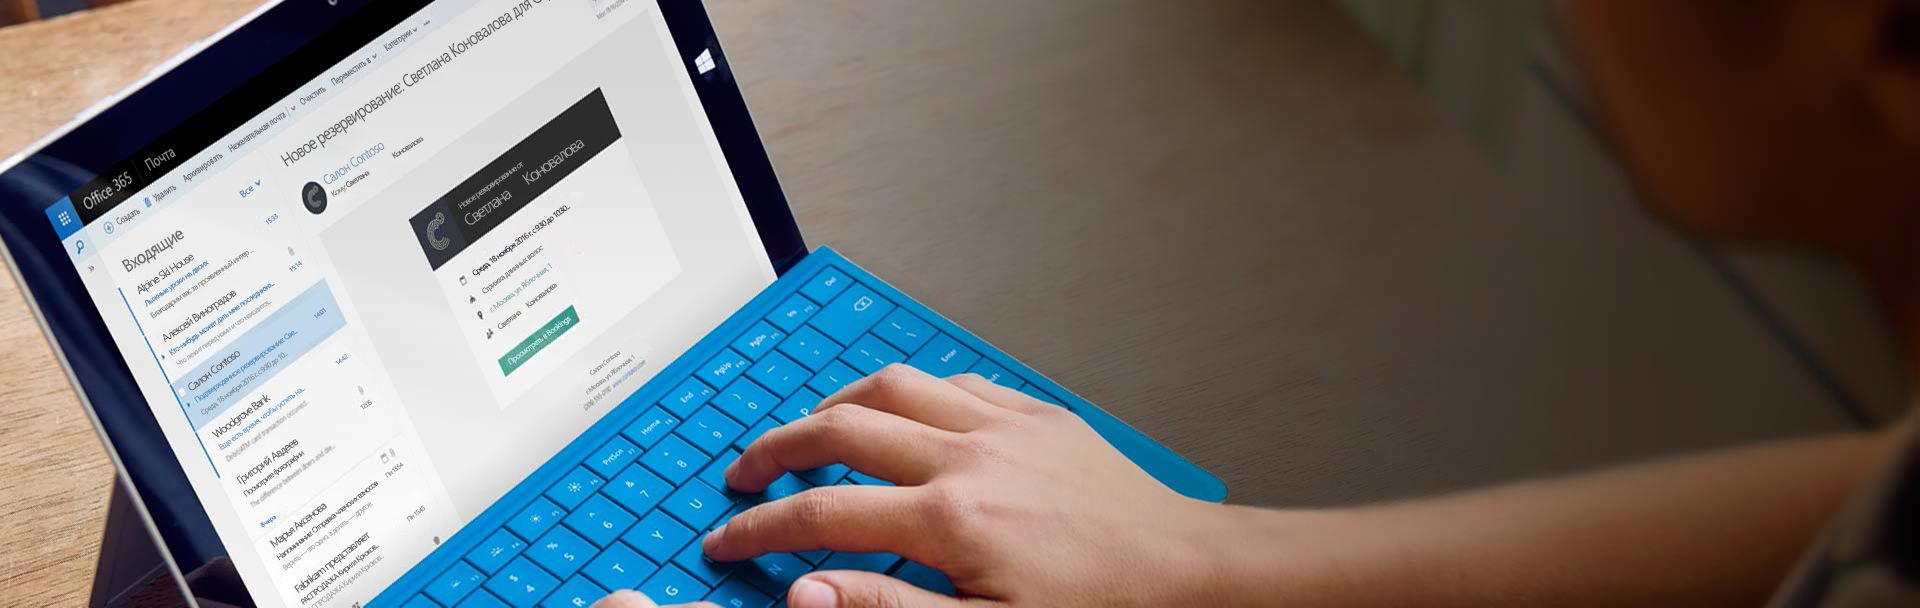 Планшет с напоминаниями о встречах Bookings в Office365 в приложении электронной почты.